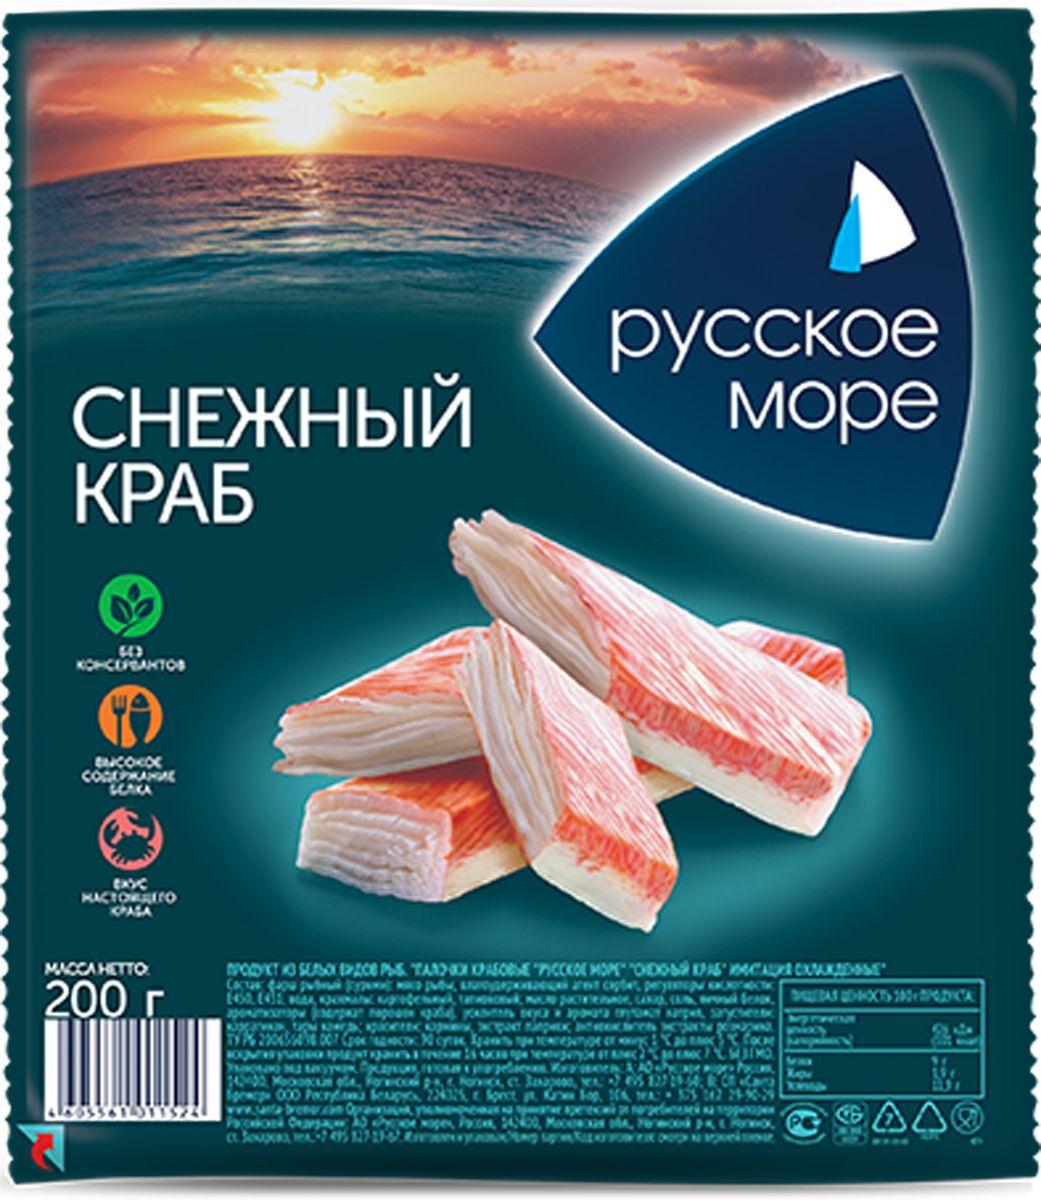 Русское Море Крабовые палочки Снежный краб, охлажденные, 200 гМСО-016316Сурими-продукт из филе белых океанических рыб. Упаковано под вакуумом.